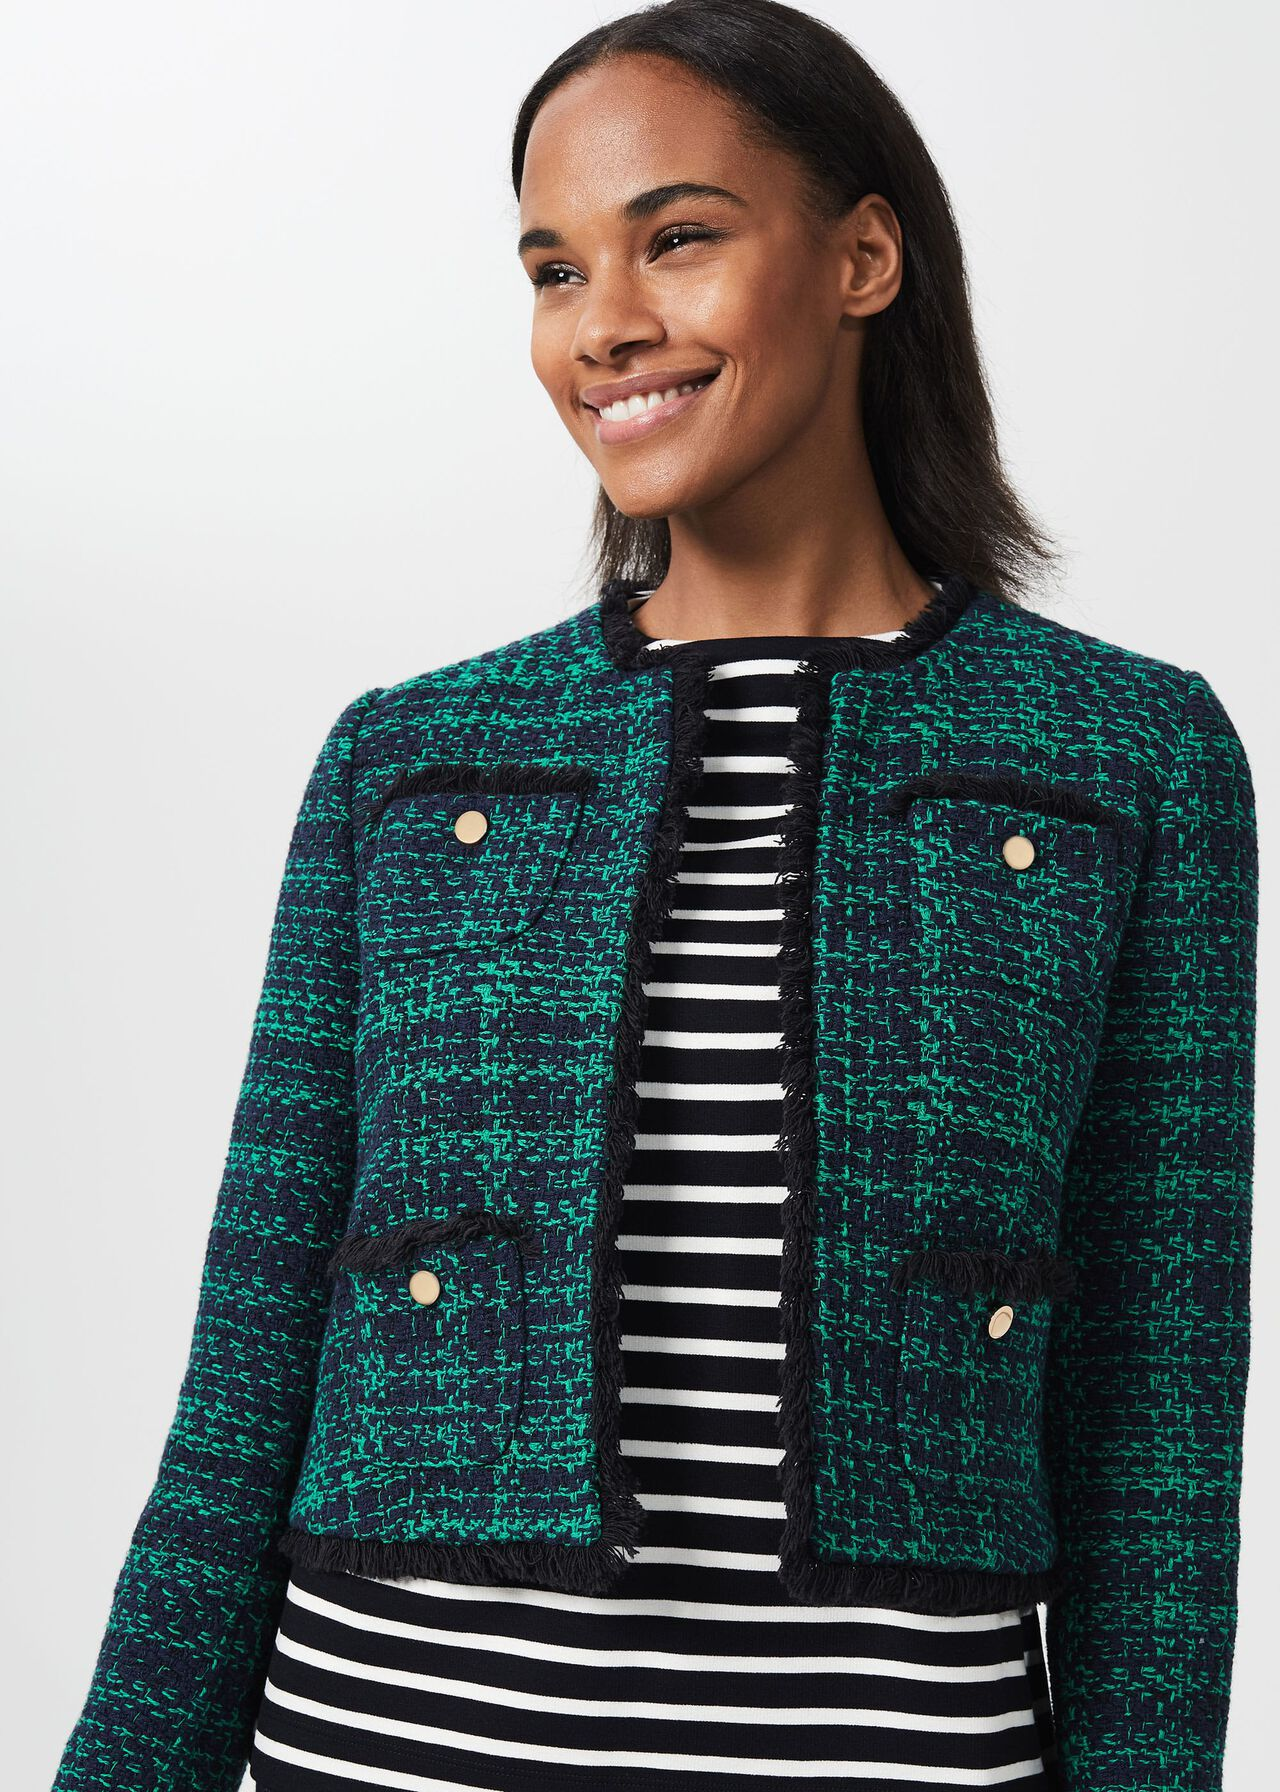 Rosa Tweed Jacket , Navy Apple Grn, hi-res